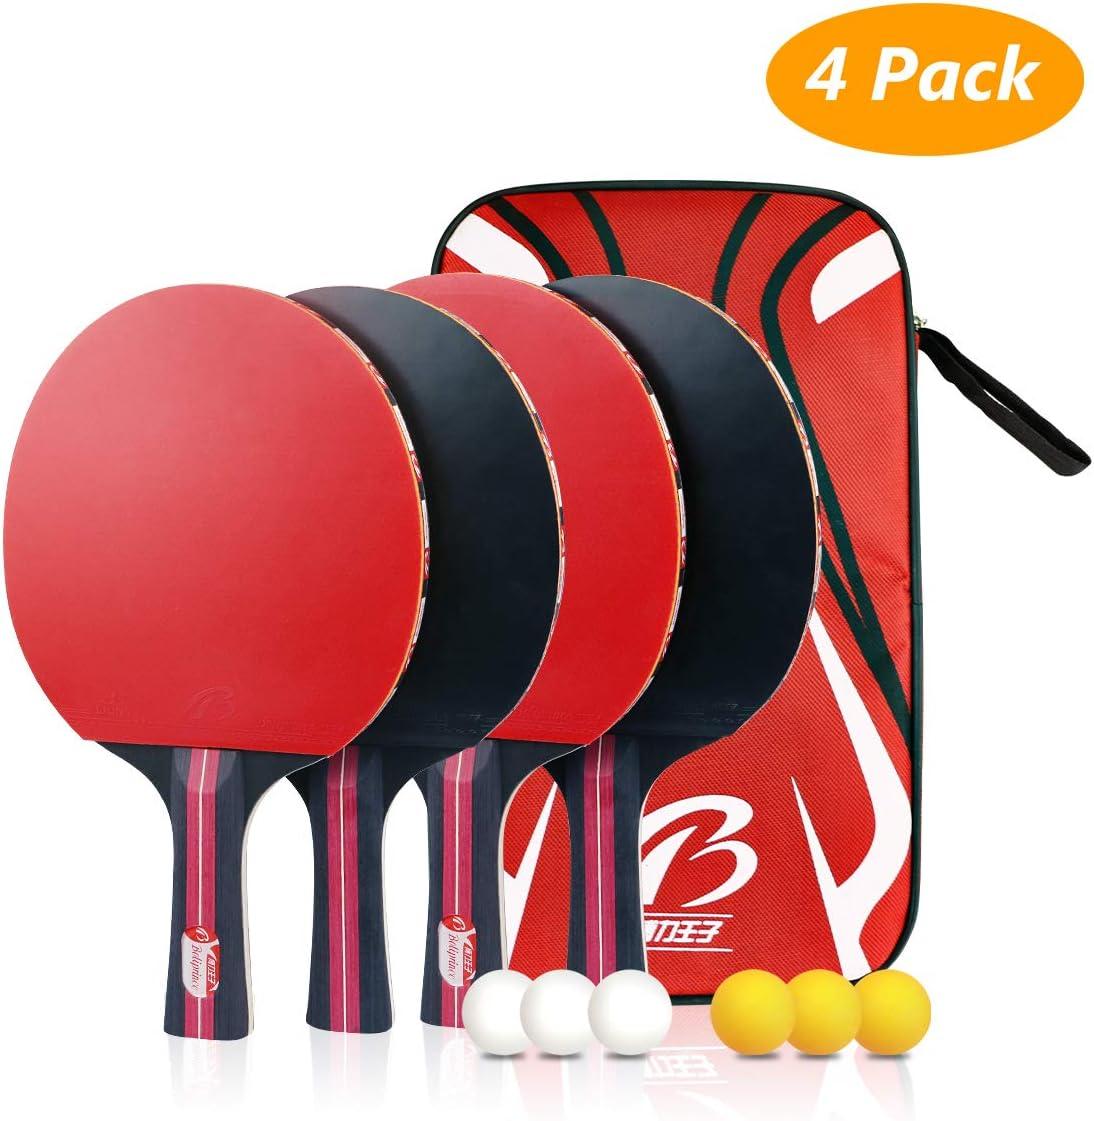 Tencoz Raquetas de Tenis de Mesa, Juego de Tenis de Mesa Tenis de Mesa Palo de Tenis de Mesa Raqueta Ping Pong Set Entrenamiento Redes de Tenis de Mesa